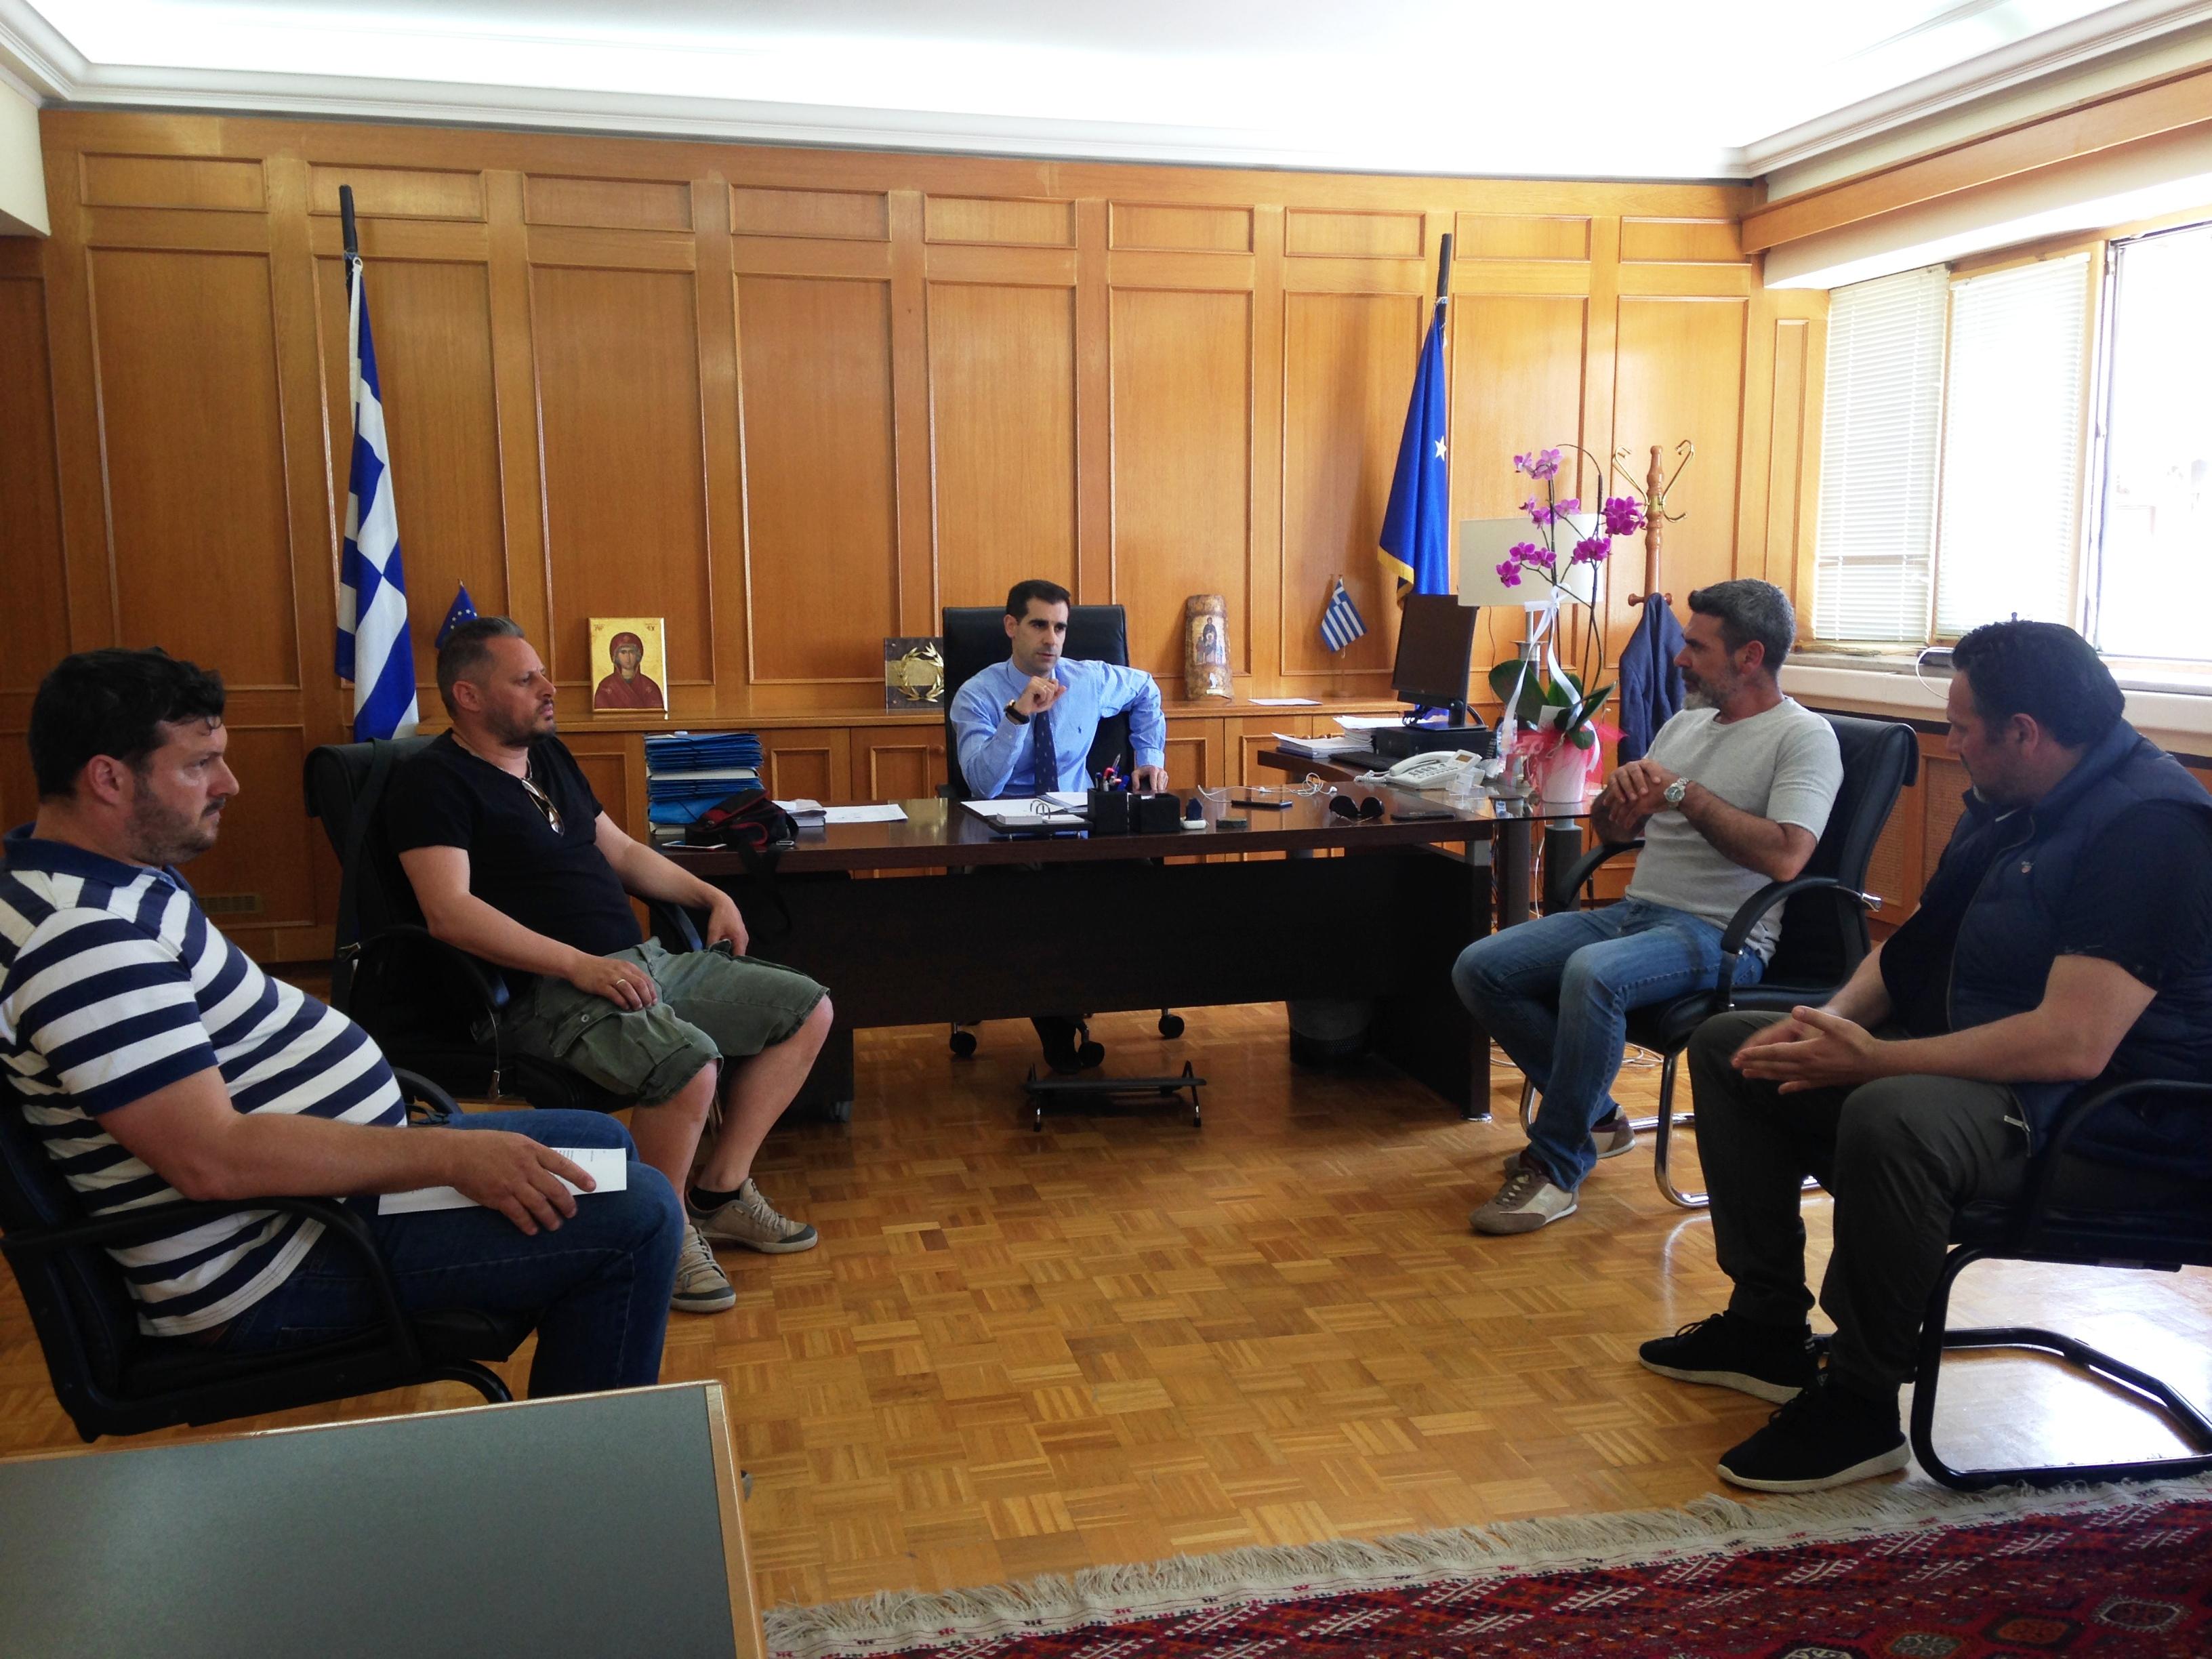 Πύργος: Συναντήσεις Αντιπεριφερειάρχη Π.Ε Ηλείας Β. Γιαννόπουλου με επιχειρηματίες του κλάδου της εστίασης σε Πύργο και Αμαλιάδα για την ομαλή επαναλειτουργία των καταστημάτων τους (photos)